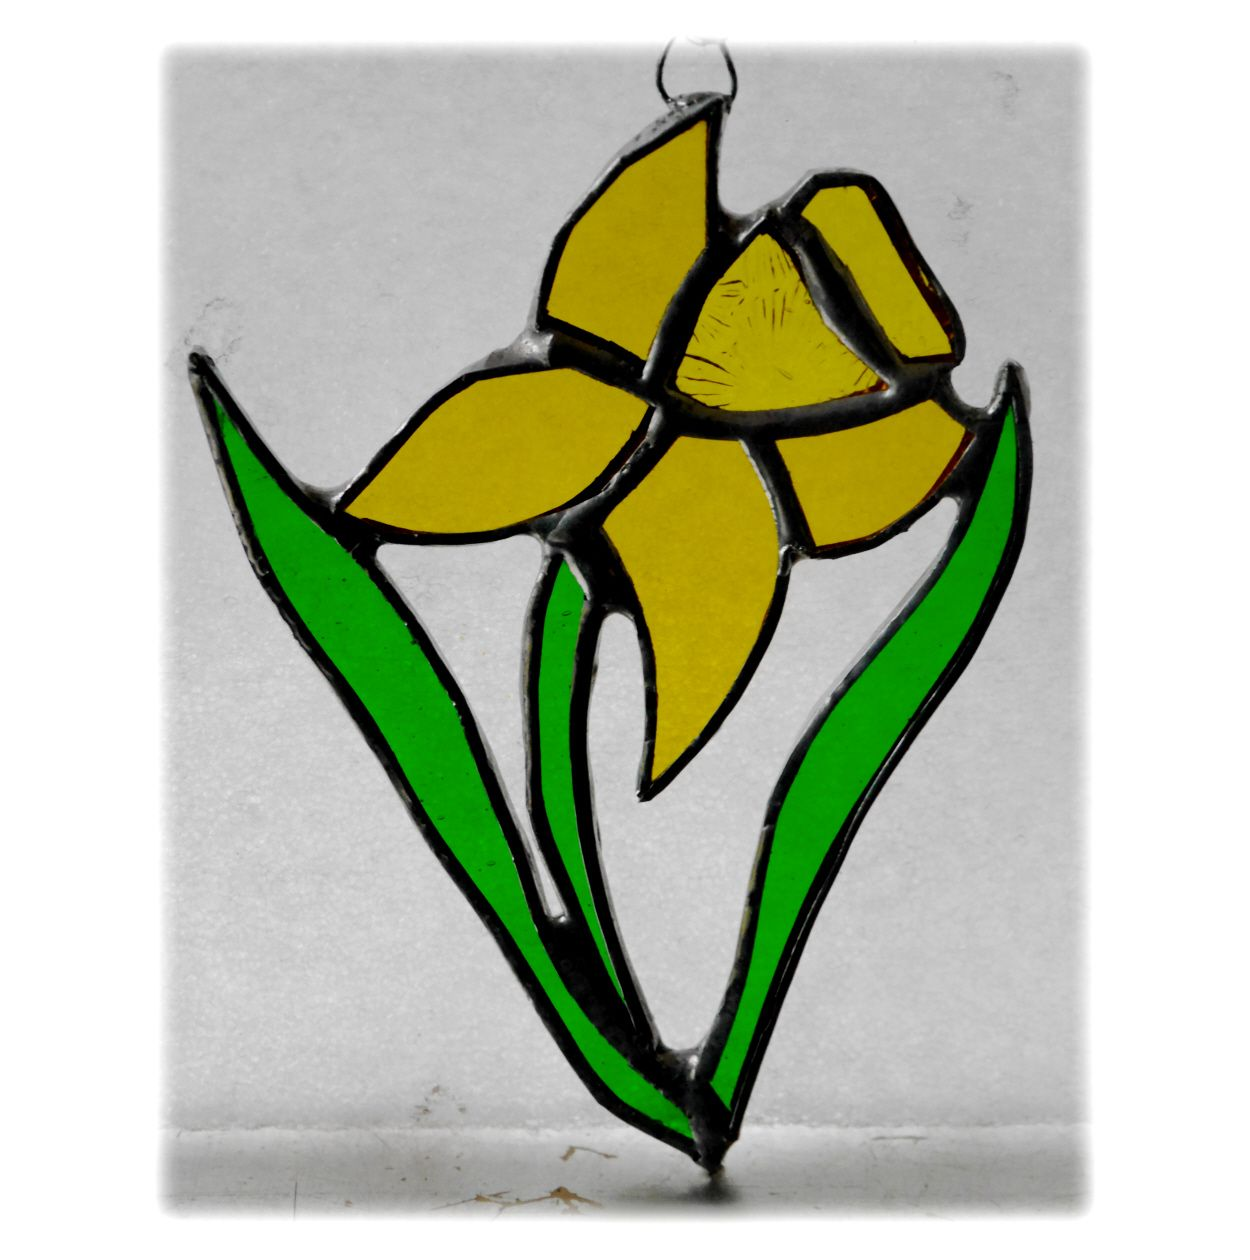 Daffodil 025 #1901 FREE 10.00 - Copy